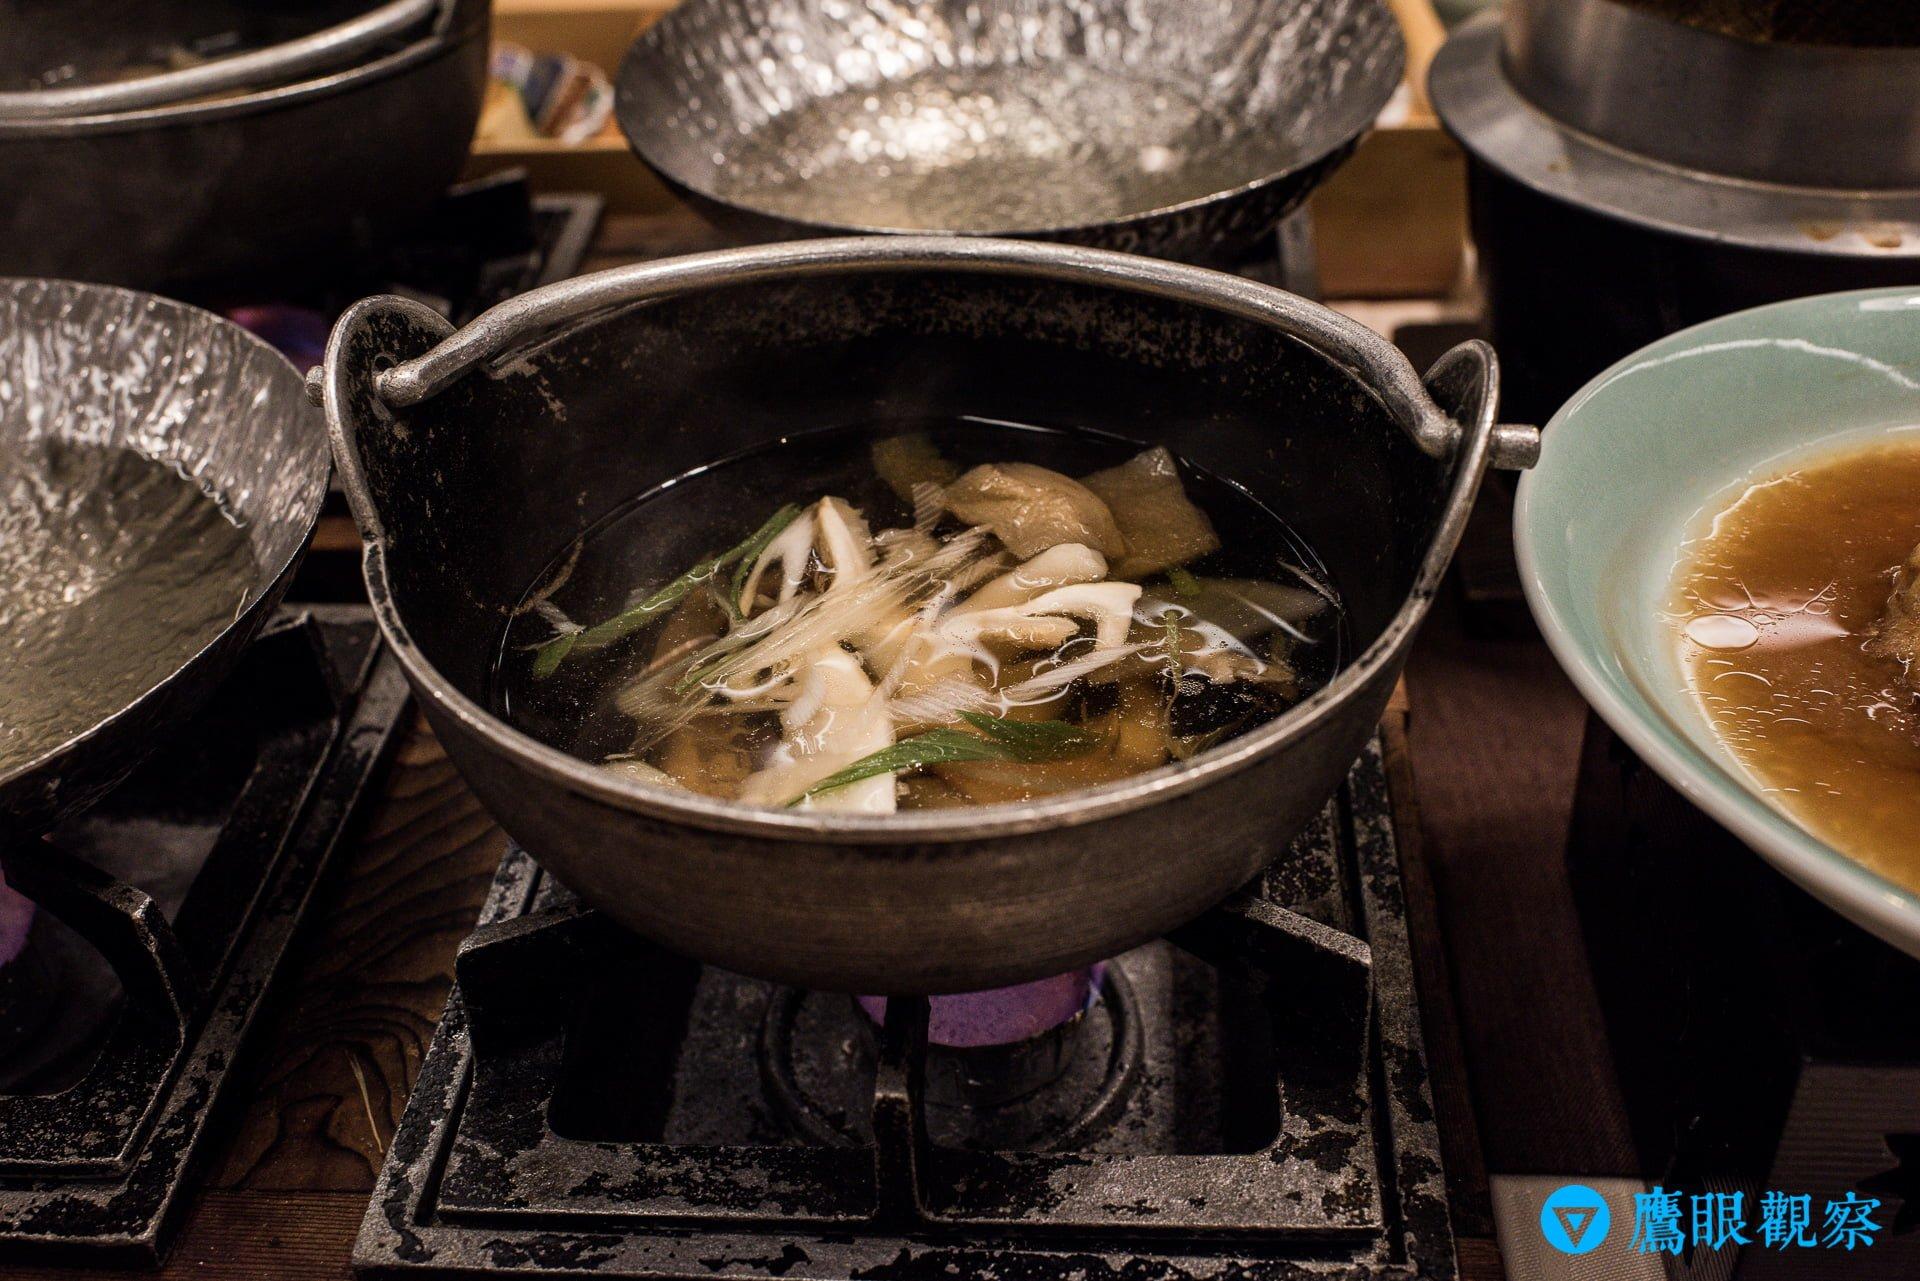 travel Japan gunma kishigon ryokan hotel in izumo spa hot spring 12 群馬縣伊香保溫泉「岸權旅館」日本旅館住宿推薦